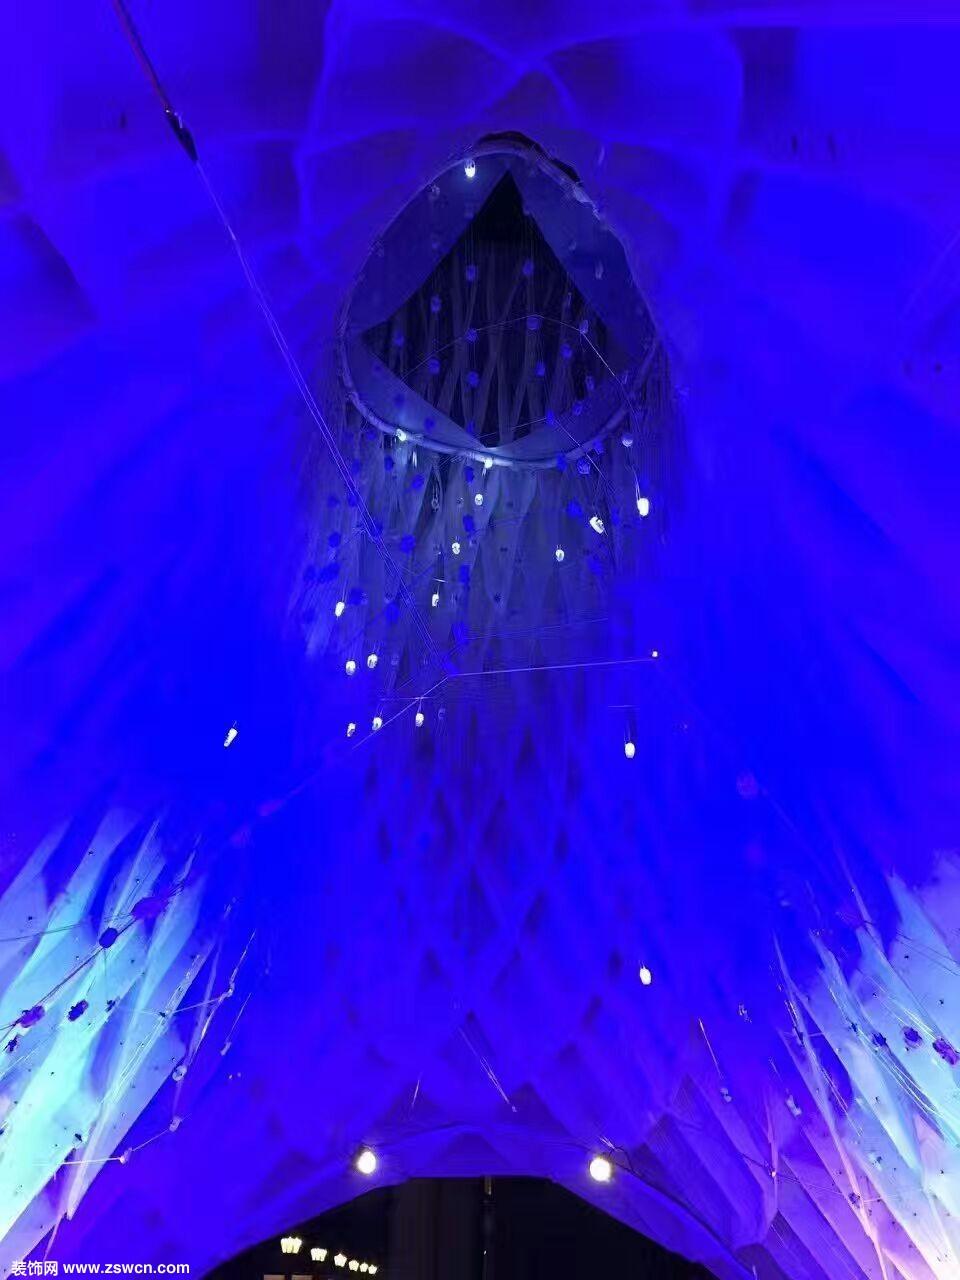 优威斯特透光板携手万达商业规划院总建筑师陈海亮 共创惊艳,如梦似幻上海思南公馆